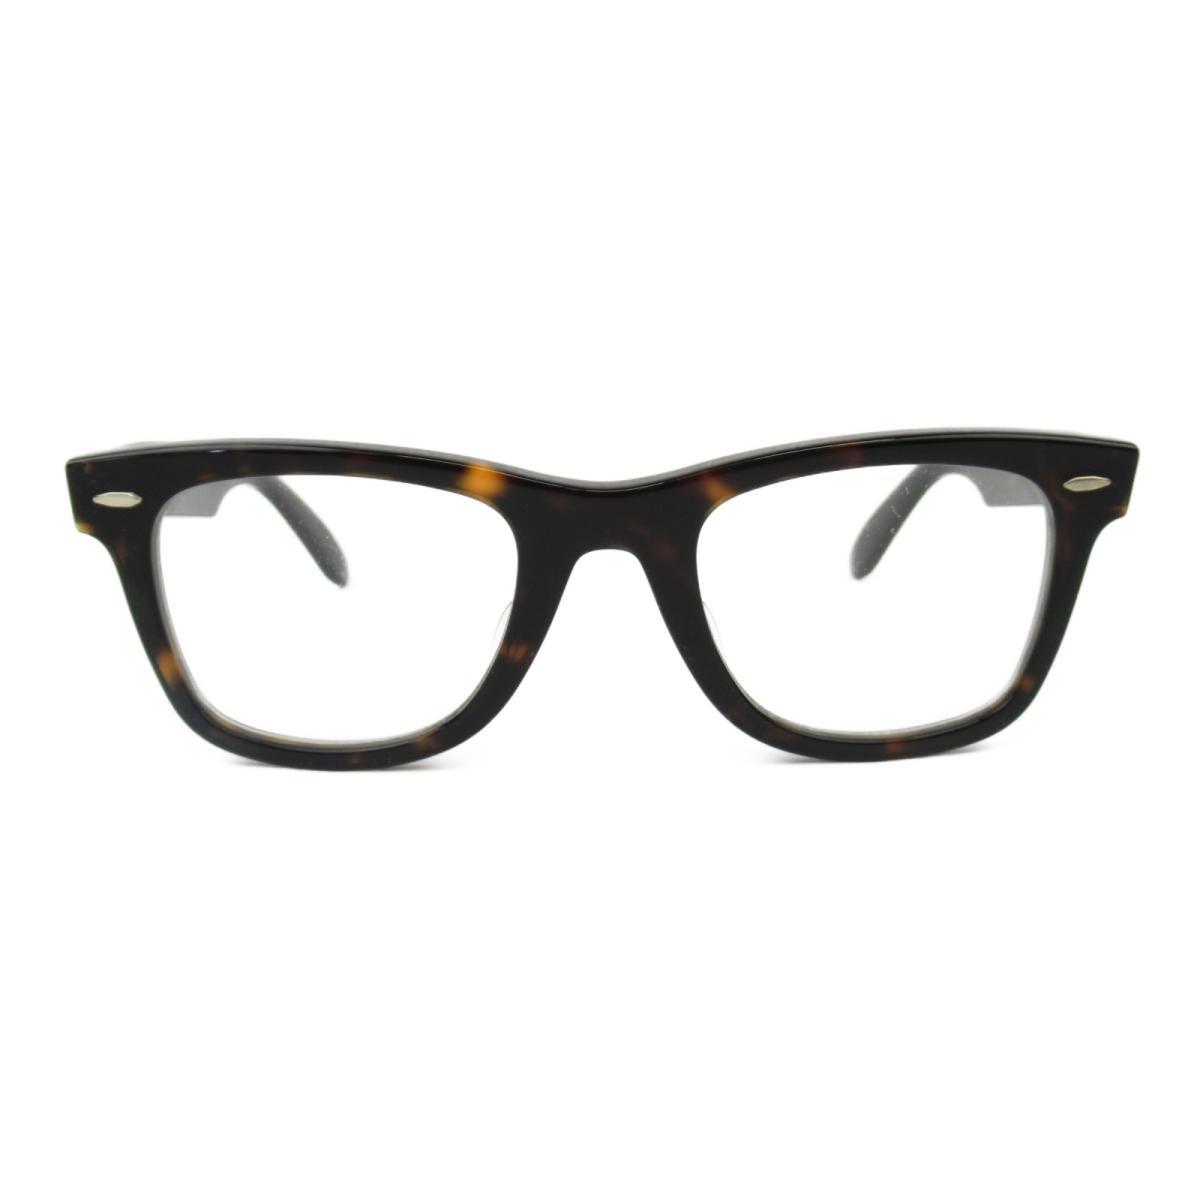 レイバン オプチカル フレーム サングラス ウェリントン メンズ レディース フレーム/テンプル:アセテート ブラック x グレー ブラウン (5121F 2012 (50) ロ220) | Ray Ban BRANDOFF ブランドオフ ブランド ブランド雑貨 小物 雑貨 眼鏡 メガネ めがね